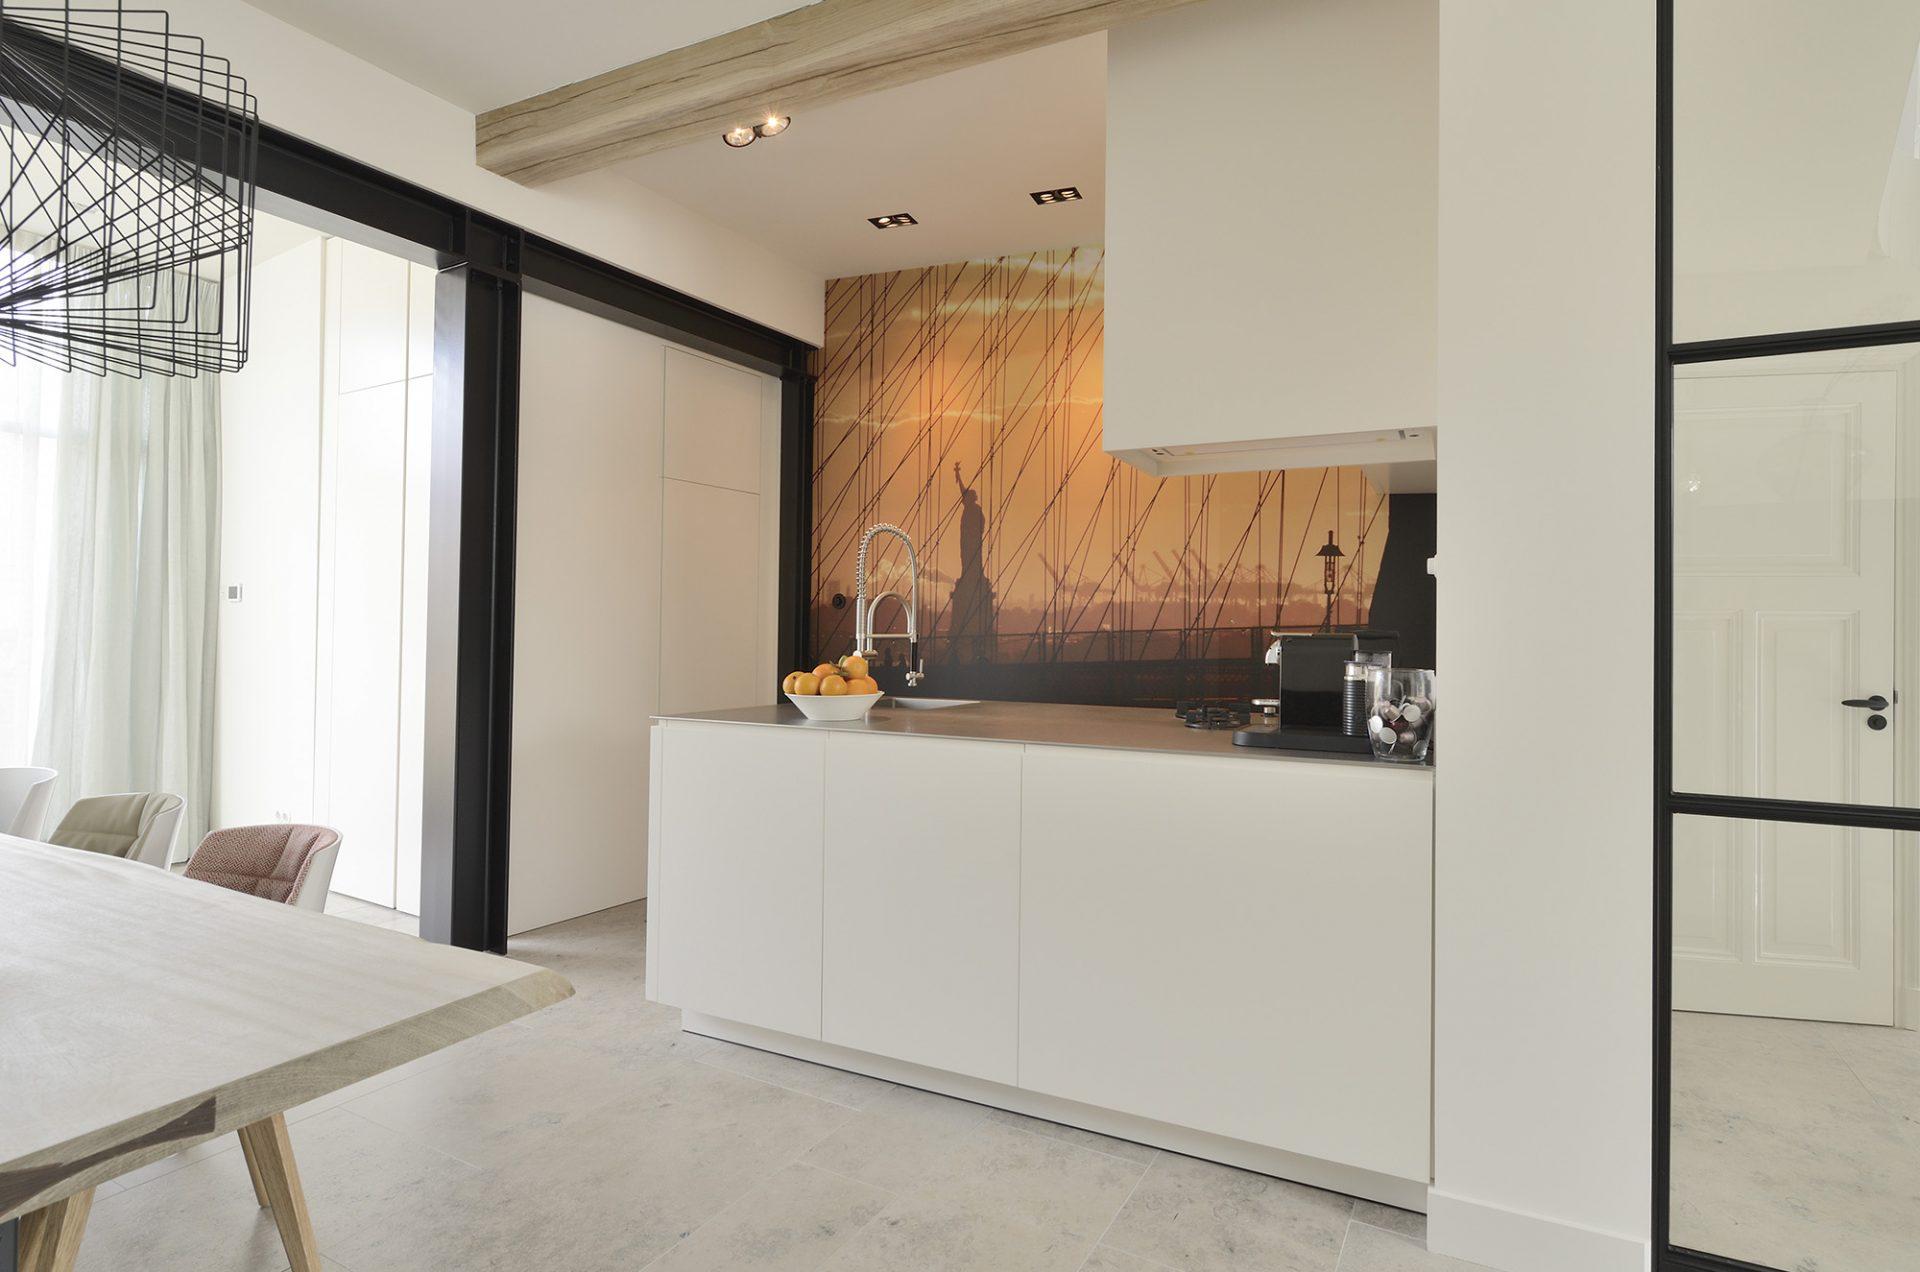 Luxe Keukens Amsterdam : Keukenconcurrent luxe huis inrichten goedkope keukens